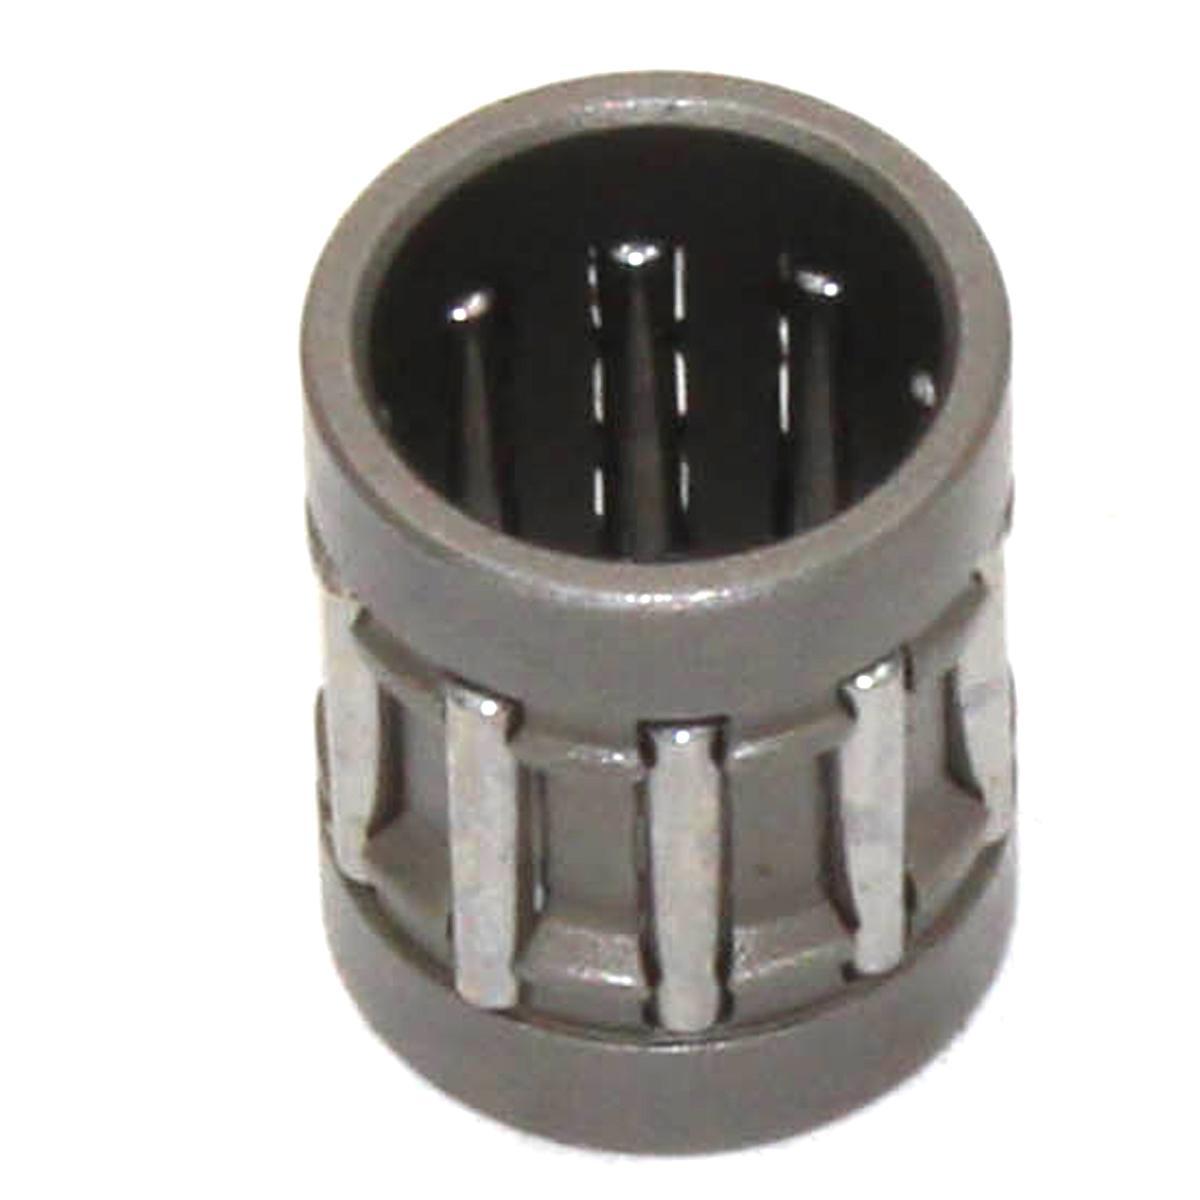 0926027 Needle Bearing Homelite Handheld Equipment Parts